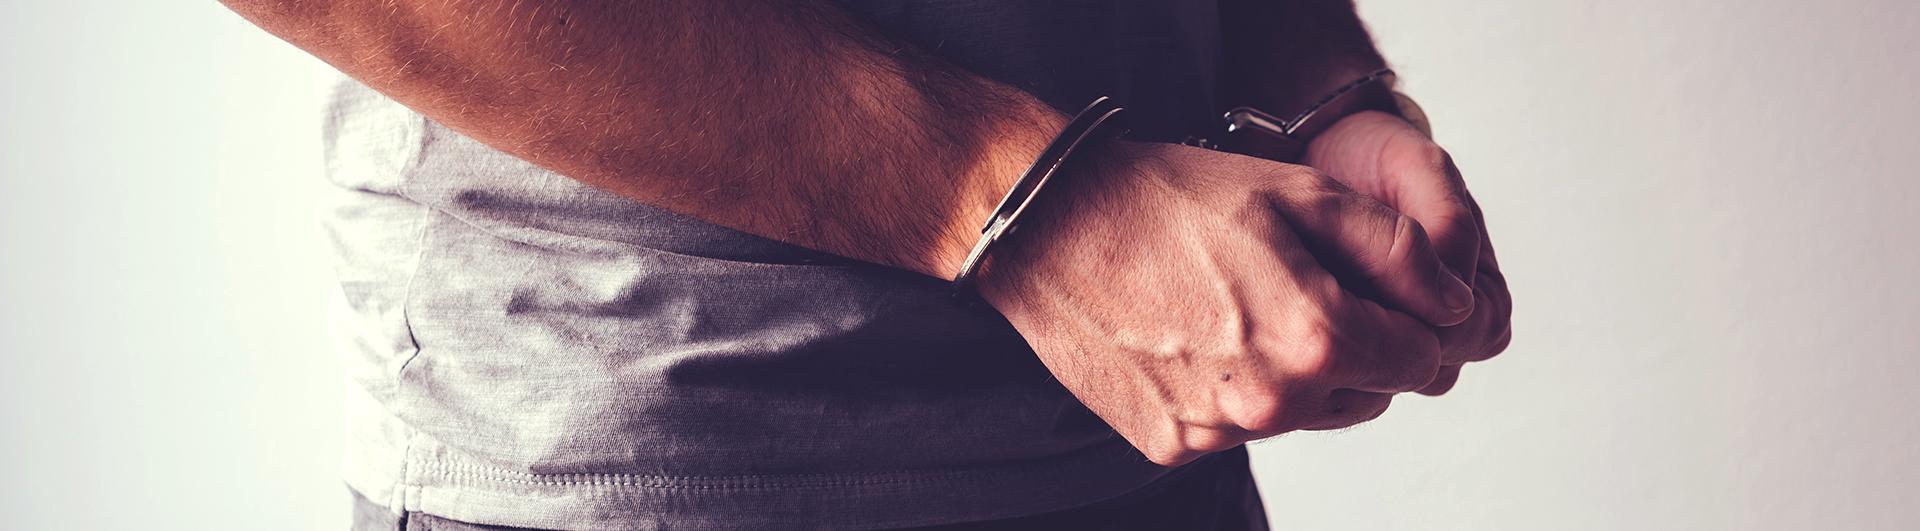 misdemeanor-felony-attorneys.jpg